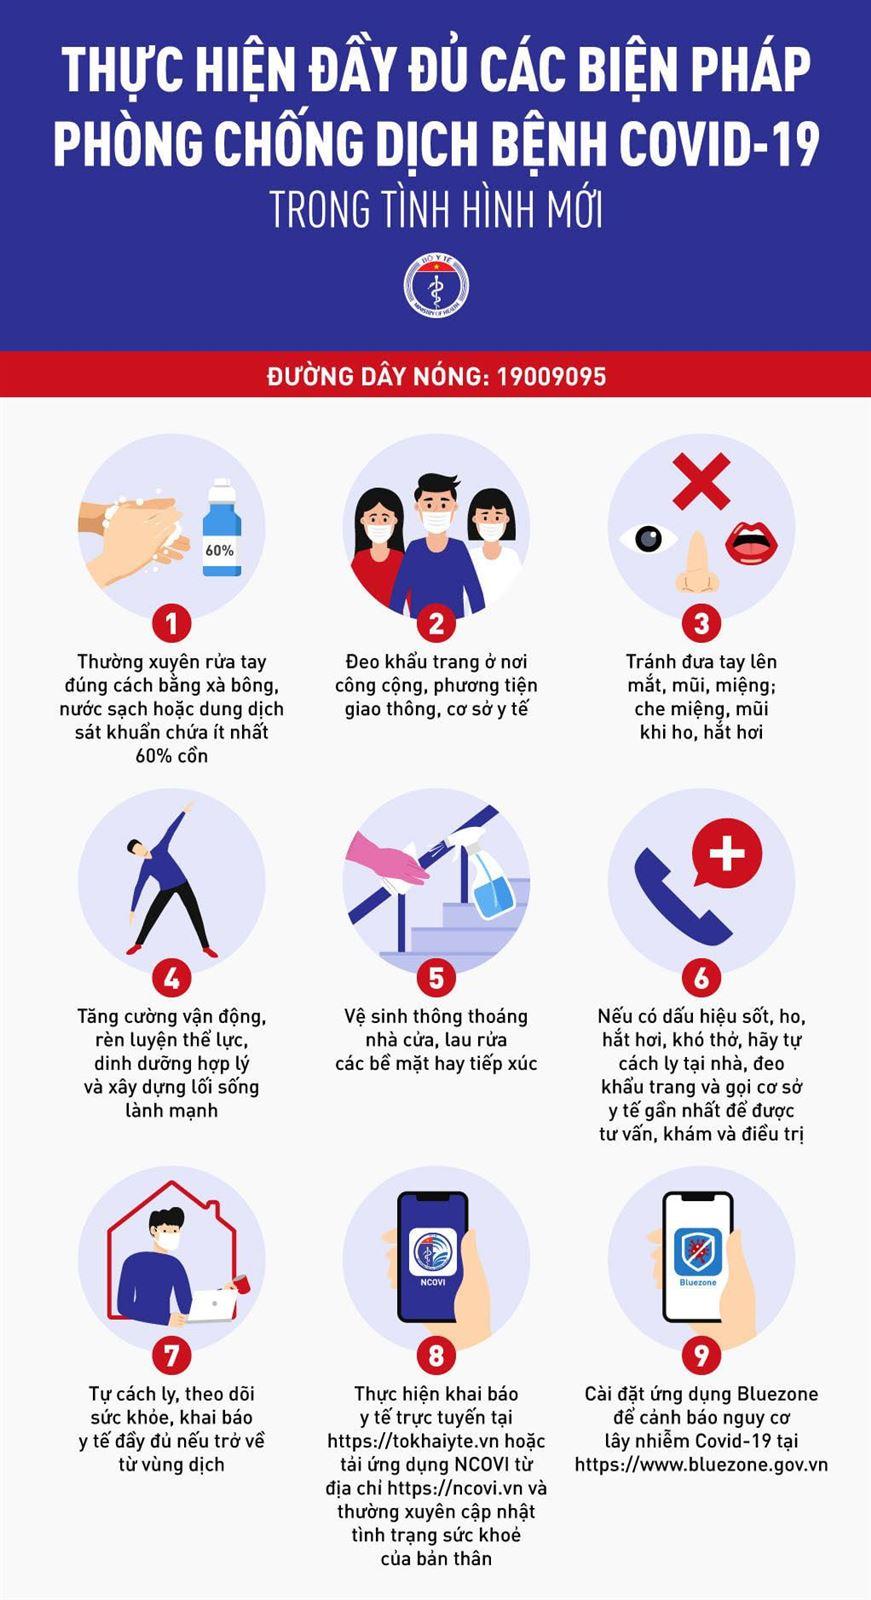 9 biện pháp mới nhất phòng chống COVID-19 người dân cần biết